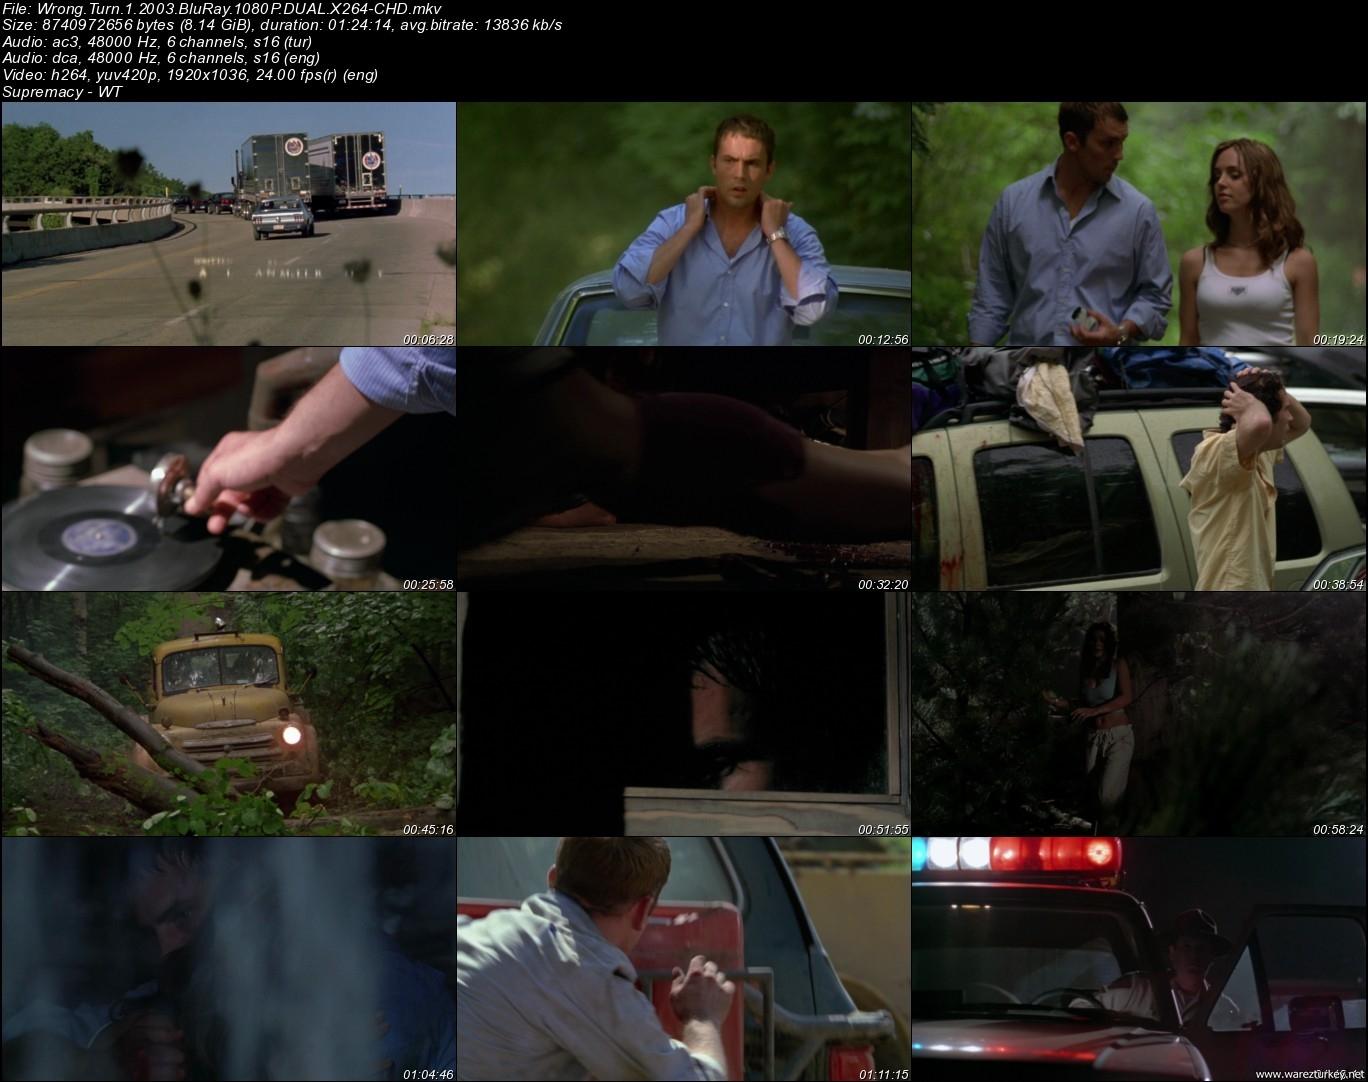 Korku Kapanı Serisi 1-2-3-4-5-6 - Dual 1080p BluRay x264 Tek Link indir